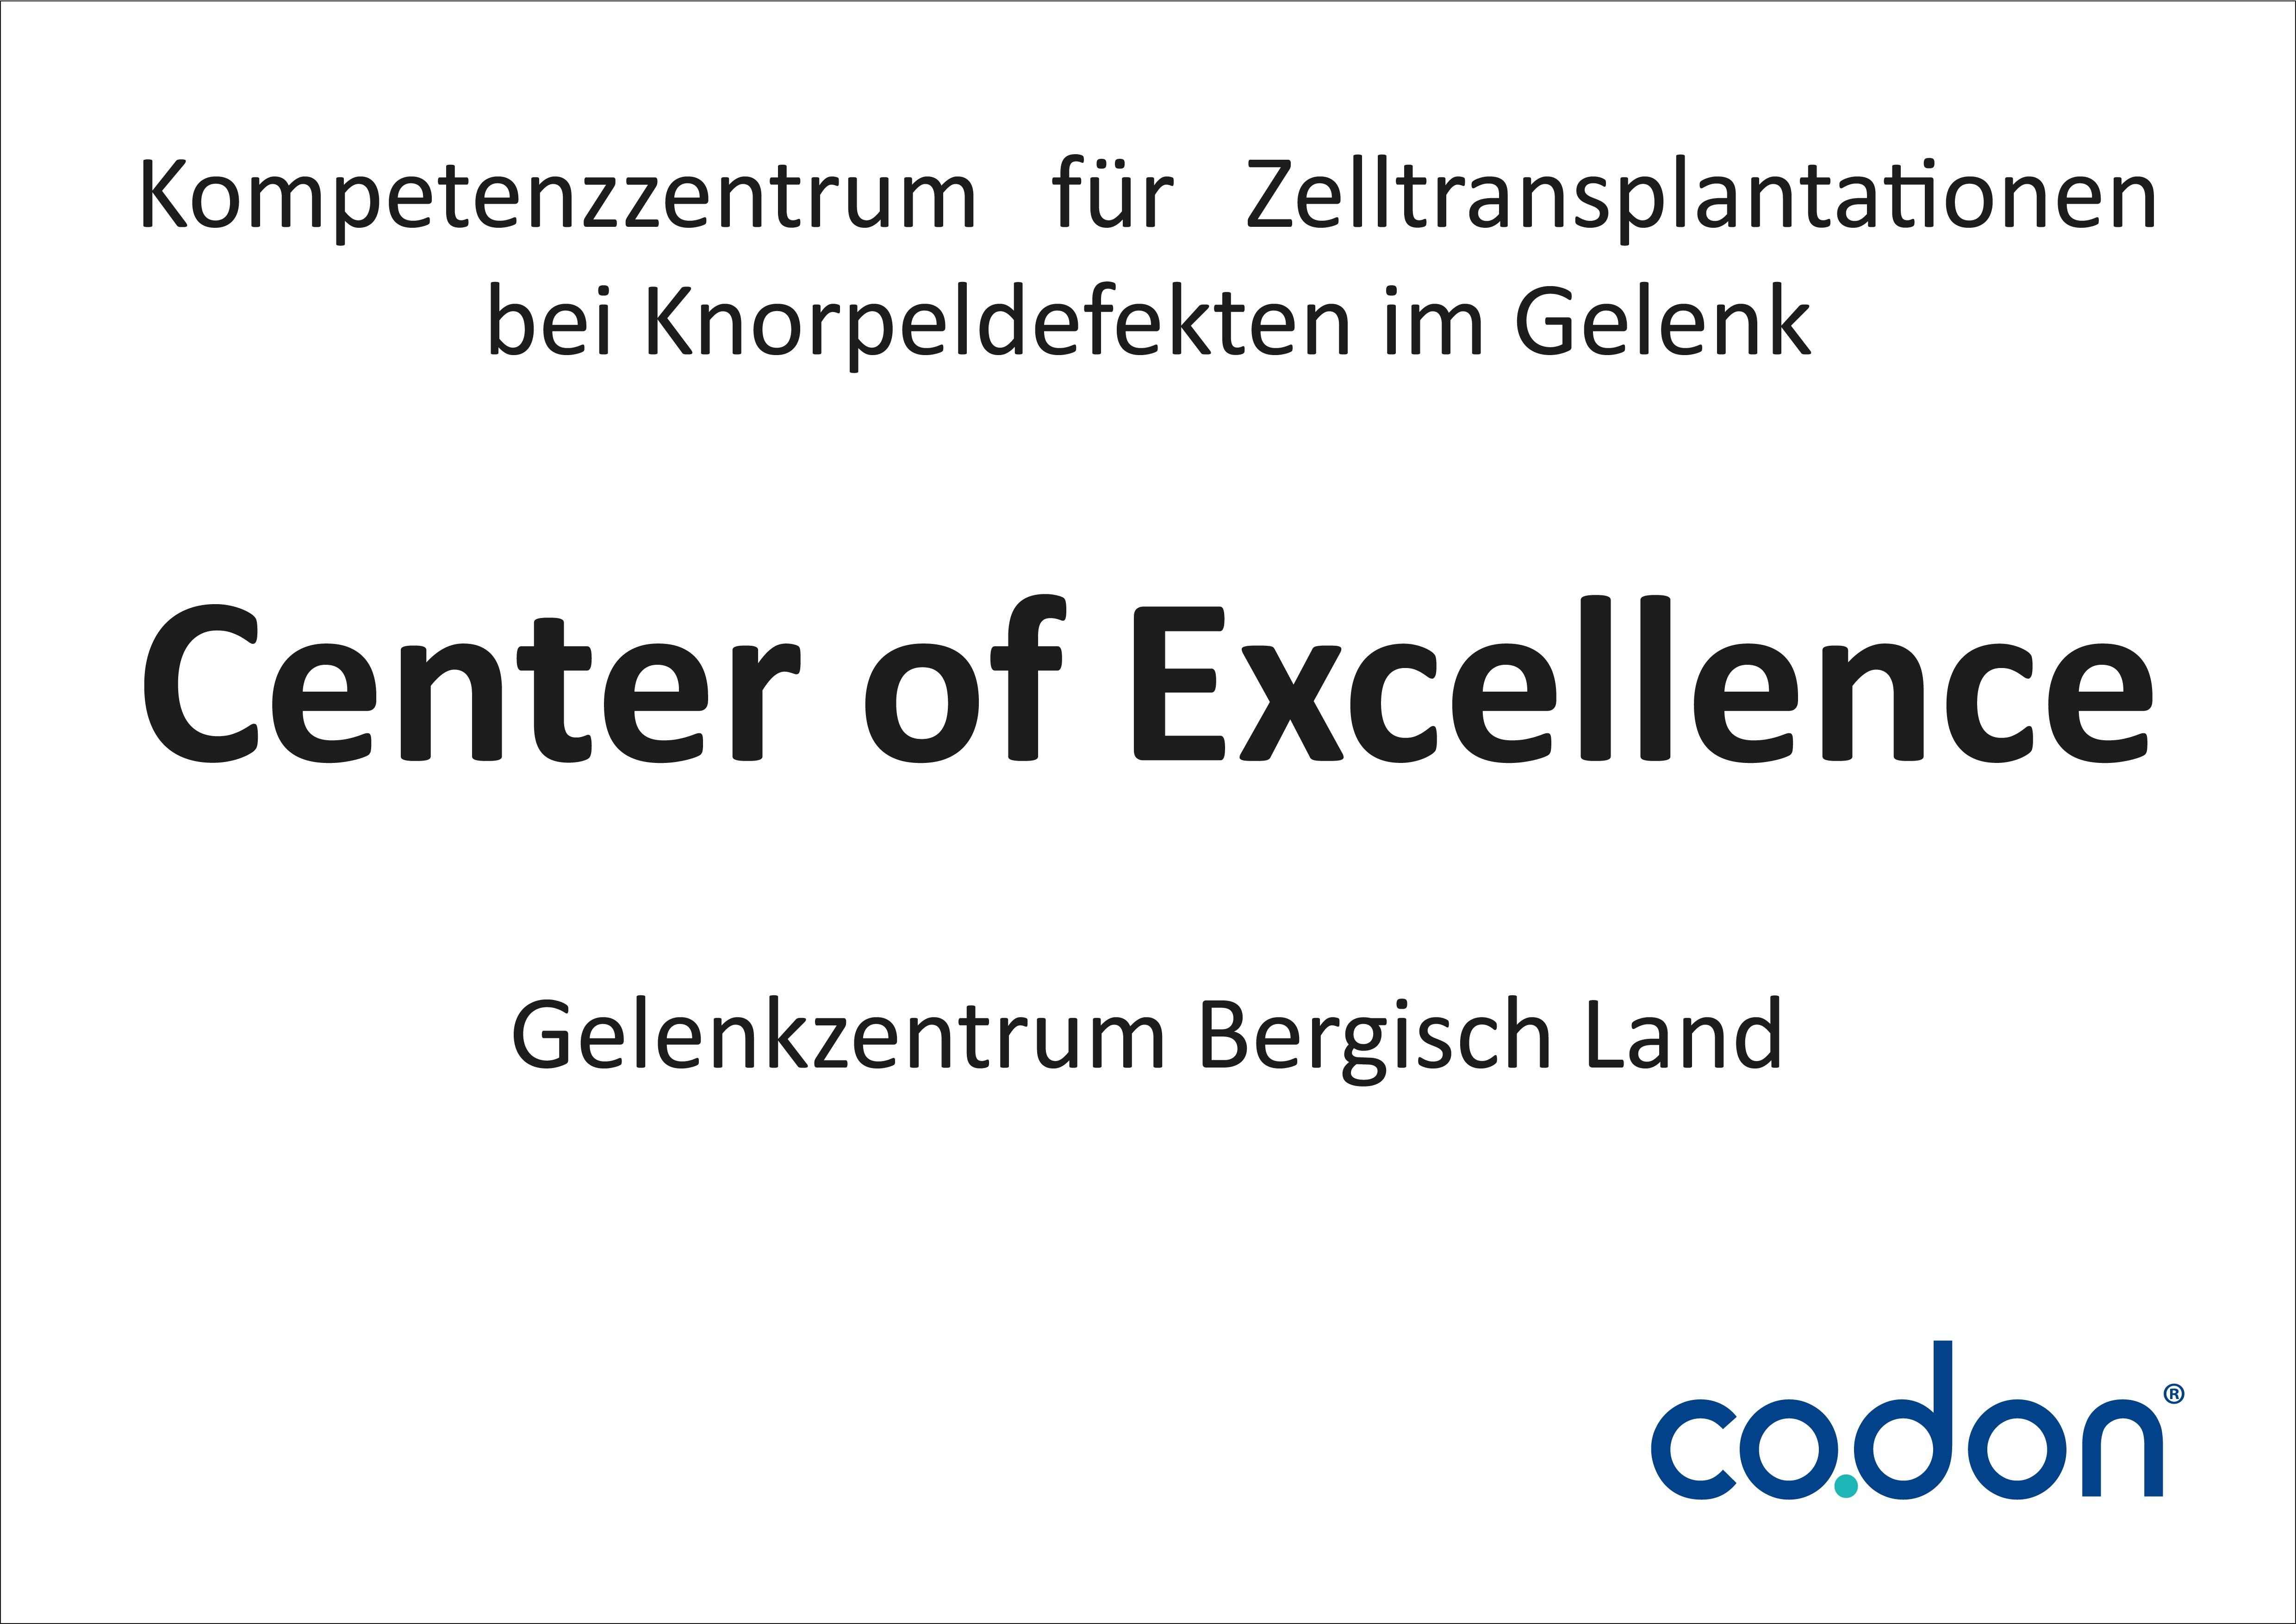 """Zertifikat """"Center of Excellence"""" der Firma Codon für besondere Leistungen im Bereich der Zelltransplantationen bei Knorpeldefekten im Gelenk"""